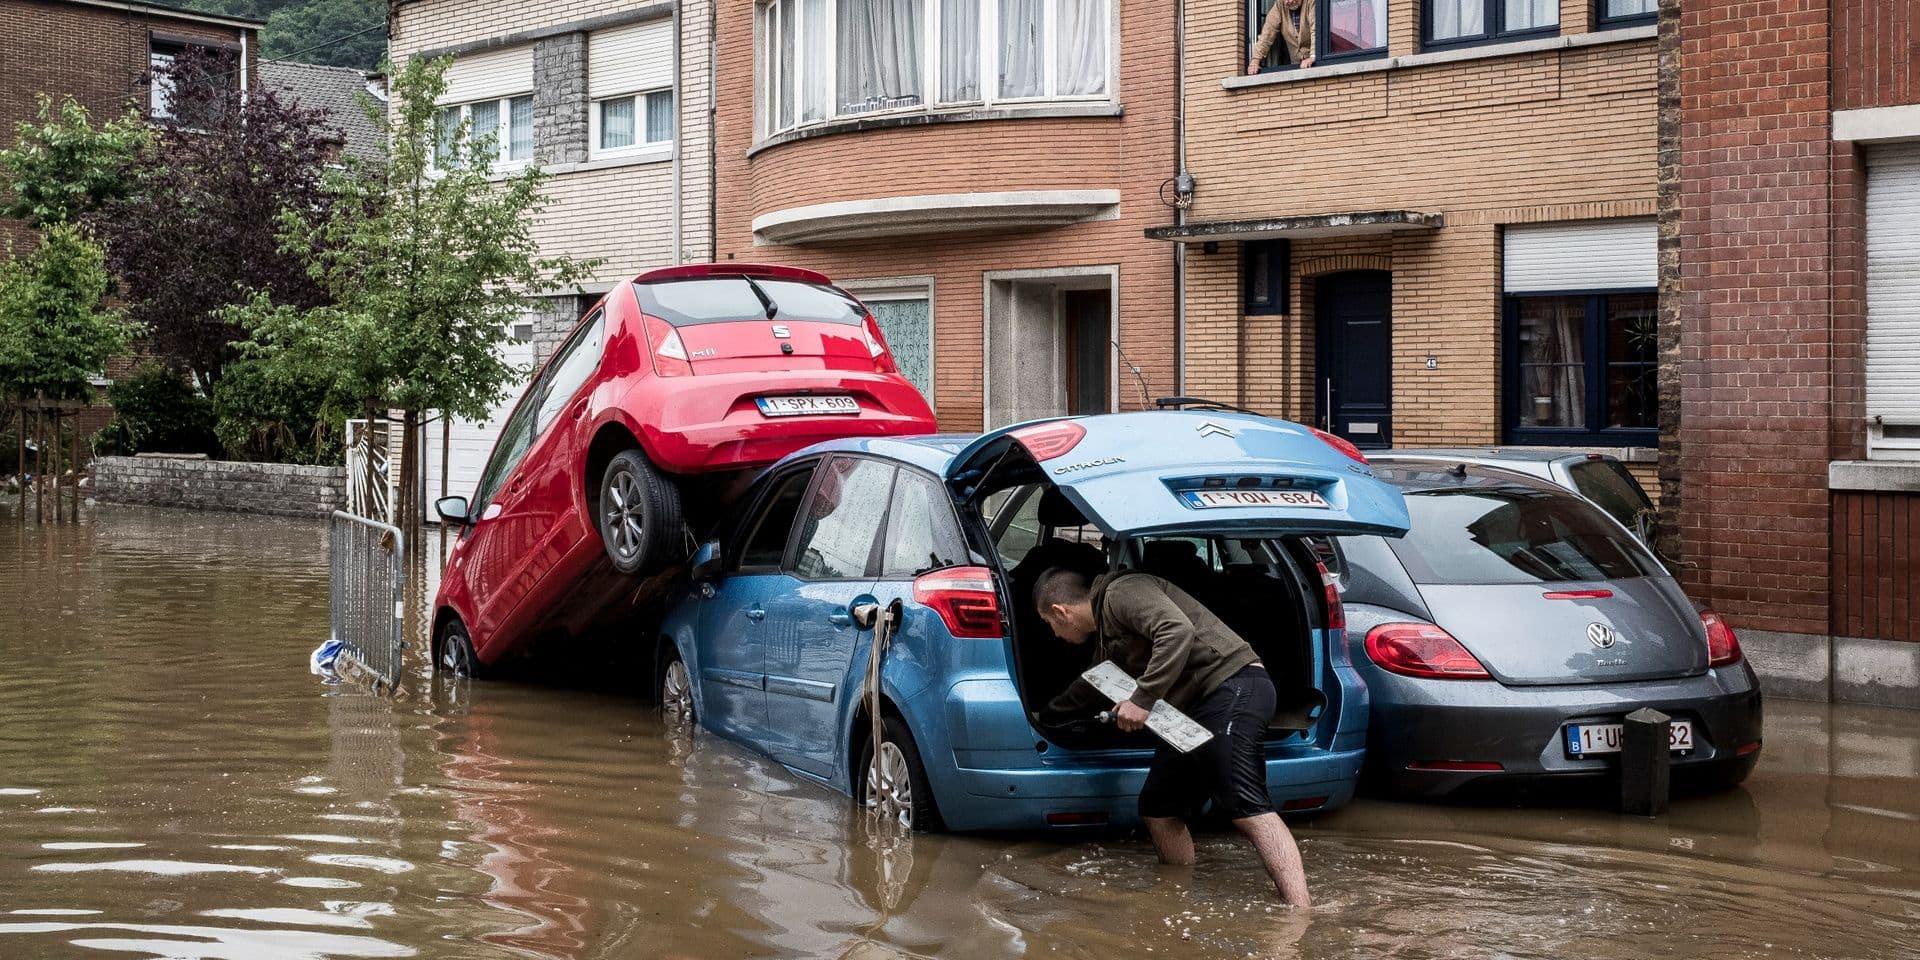 Une aide financière pour tous les sinistrés ?